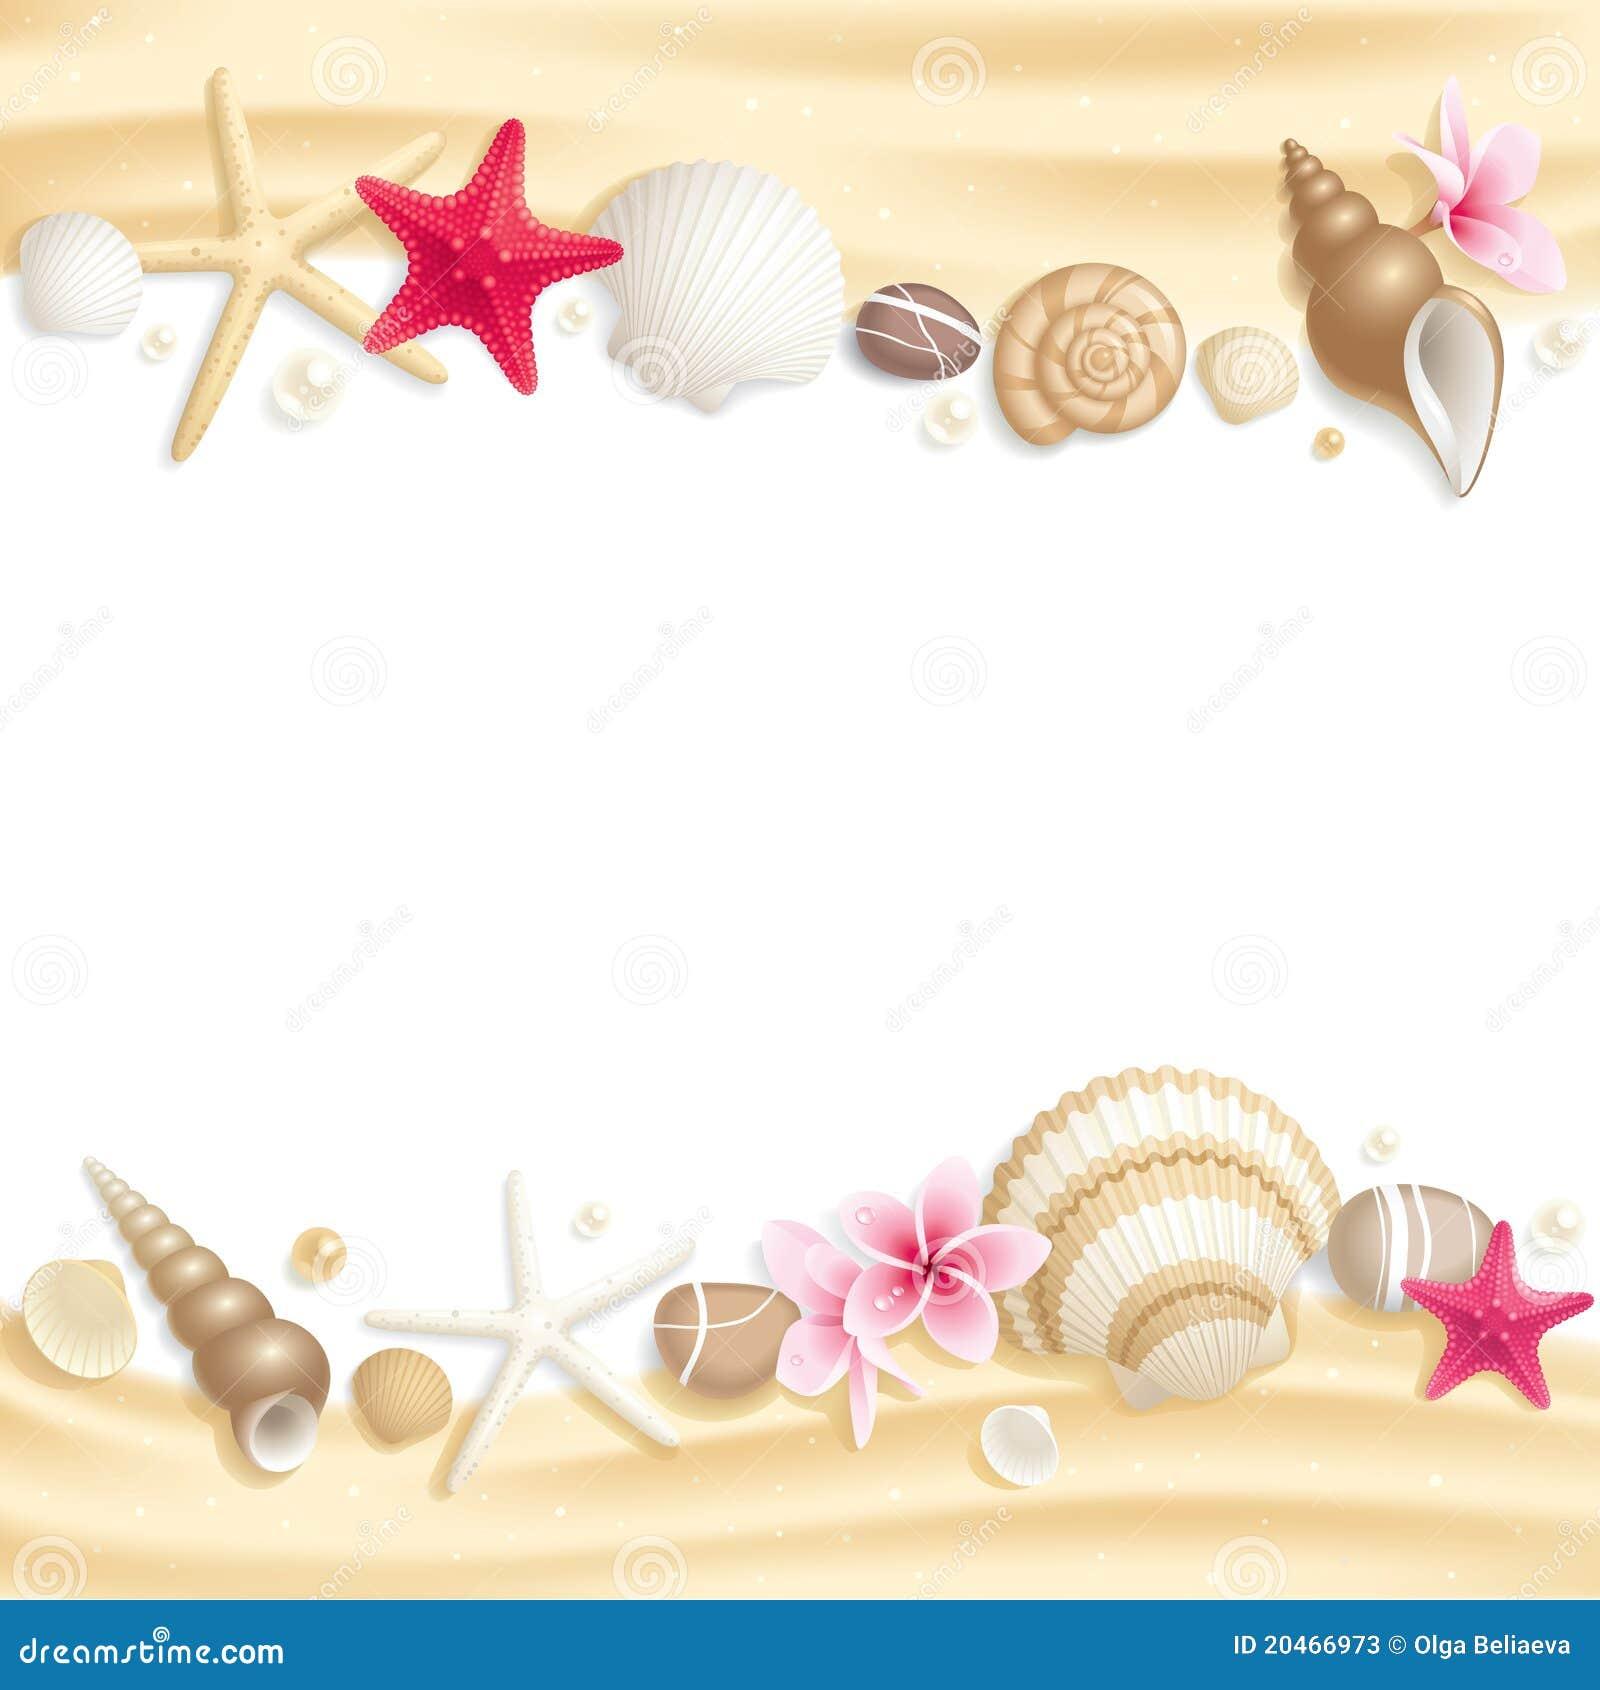 Marco del Seashell imagen de archivo. Imagen de recorte - 20466973